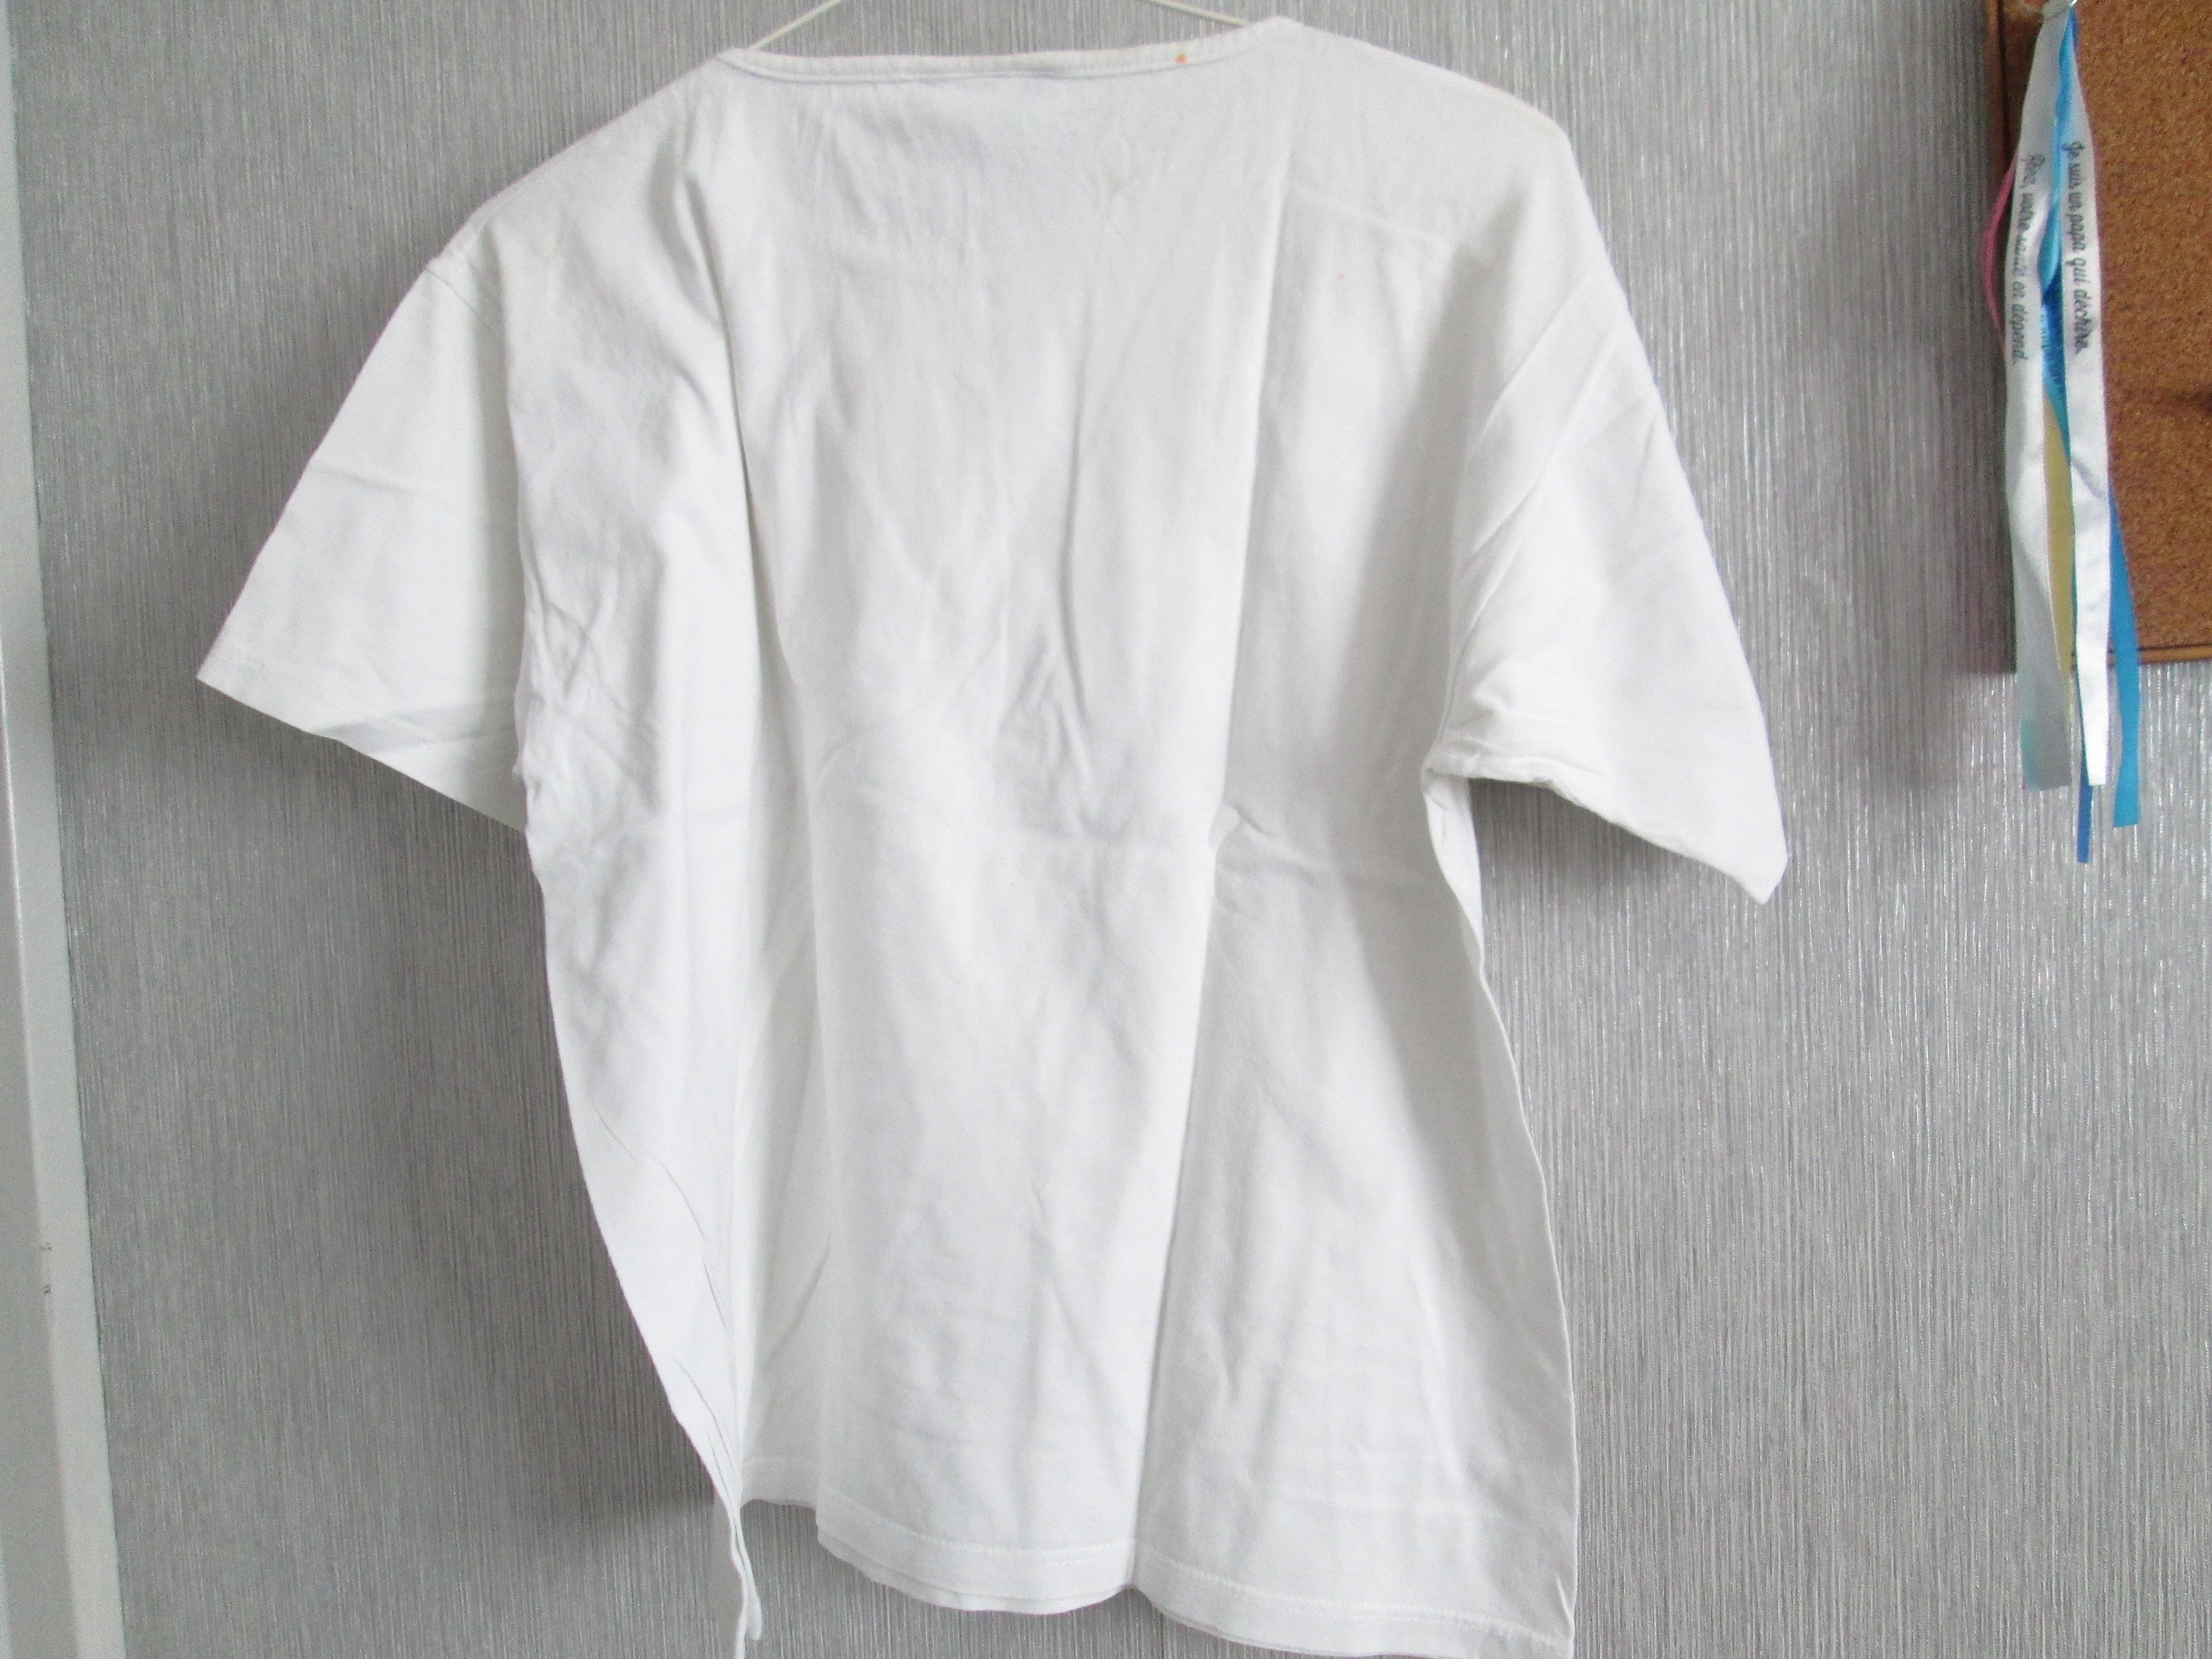 troc de troc tee shirt  blanc    balina taille 38 petit dessin 5 noisettes image 1